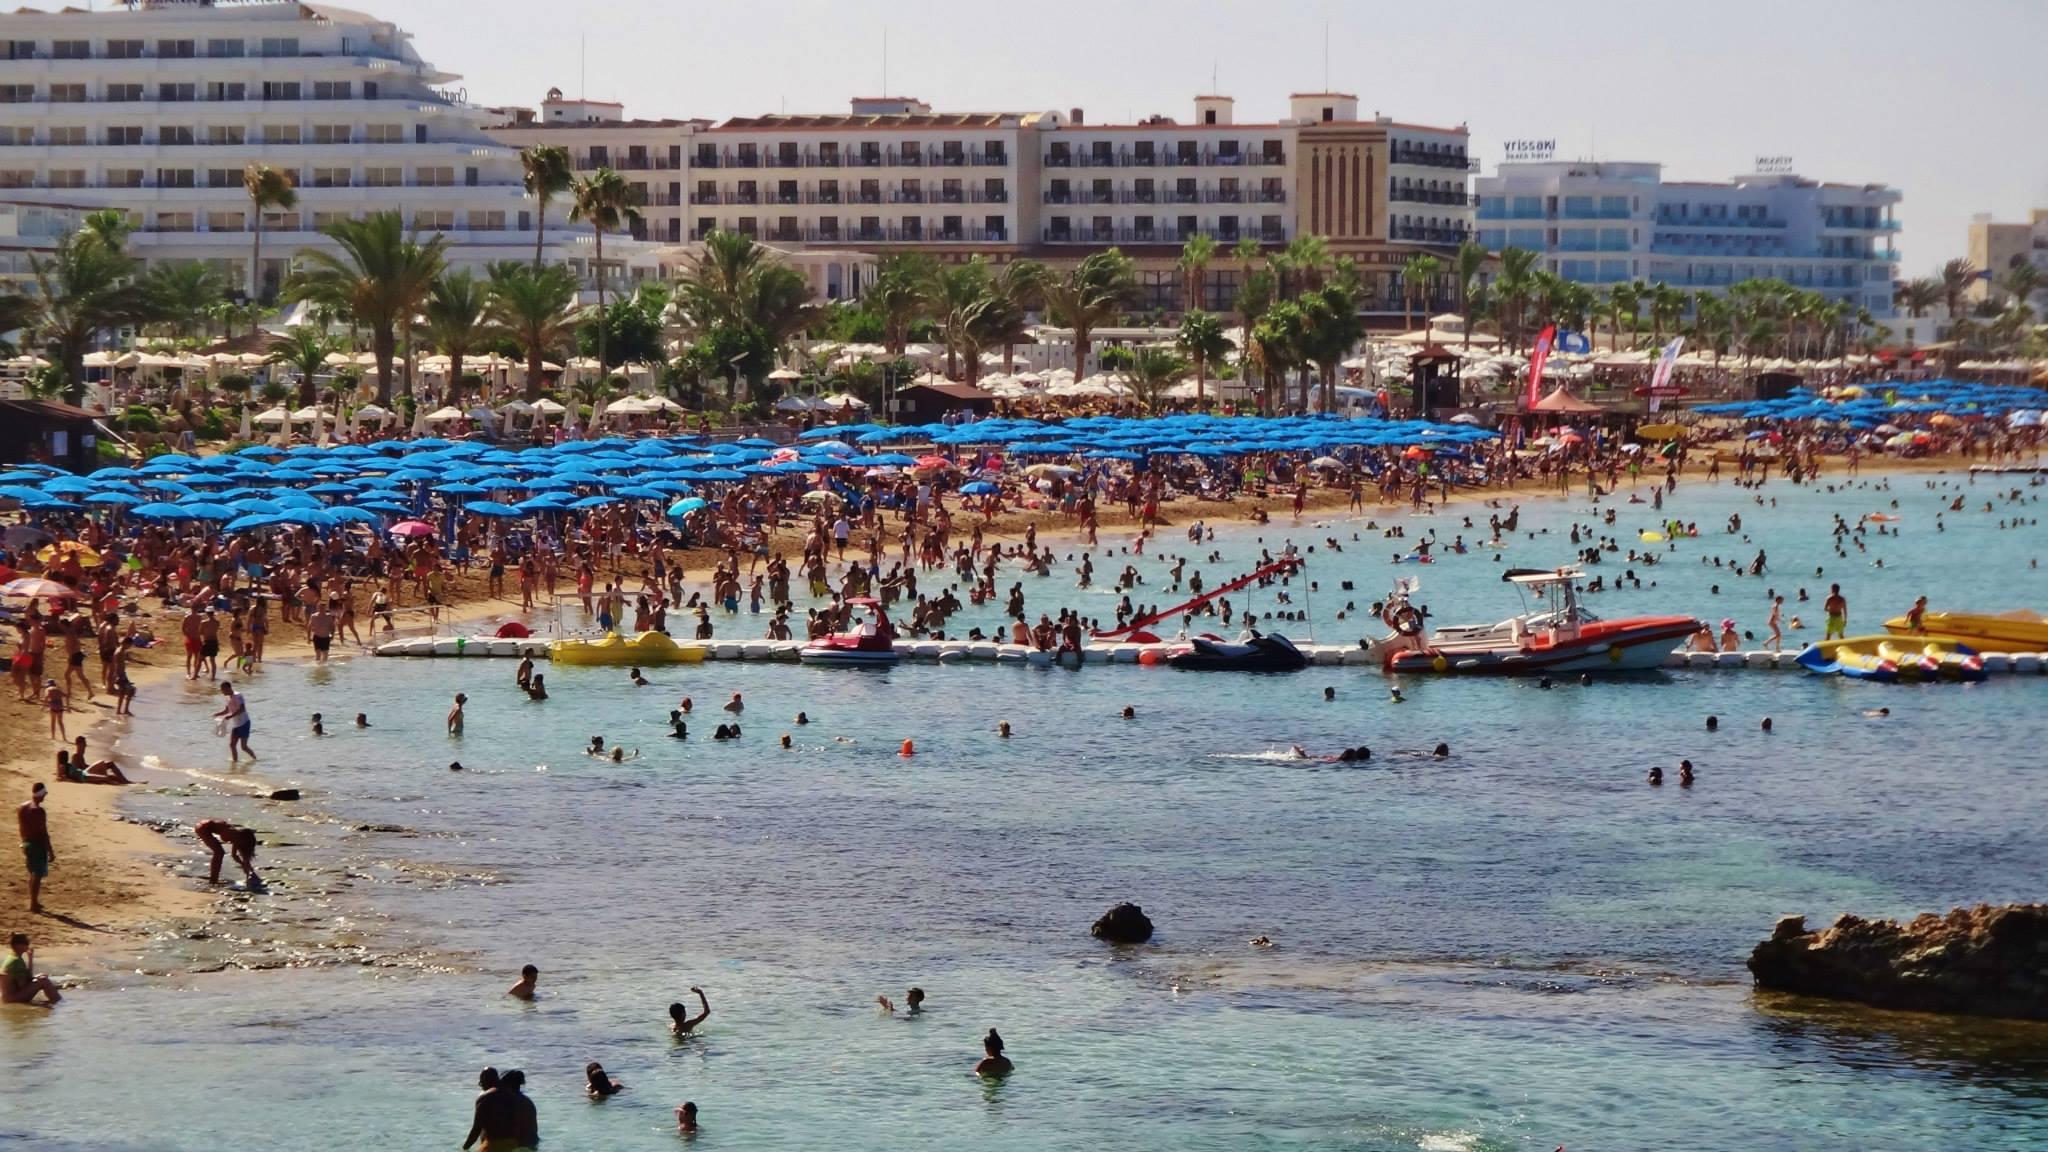 Πόσα ξενοδοχεία άνοιξαν στην επαρχία Αμμοχώστου- Η προέλευση των τουριστών